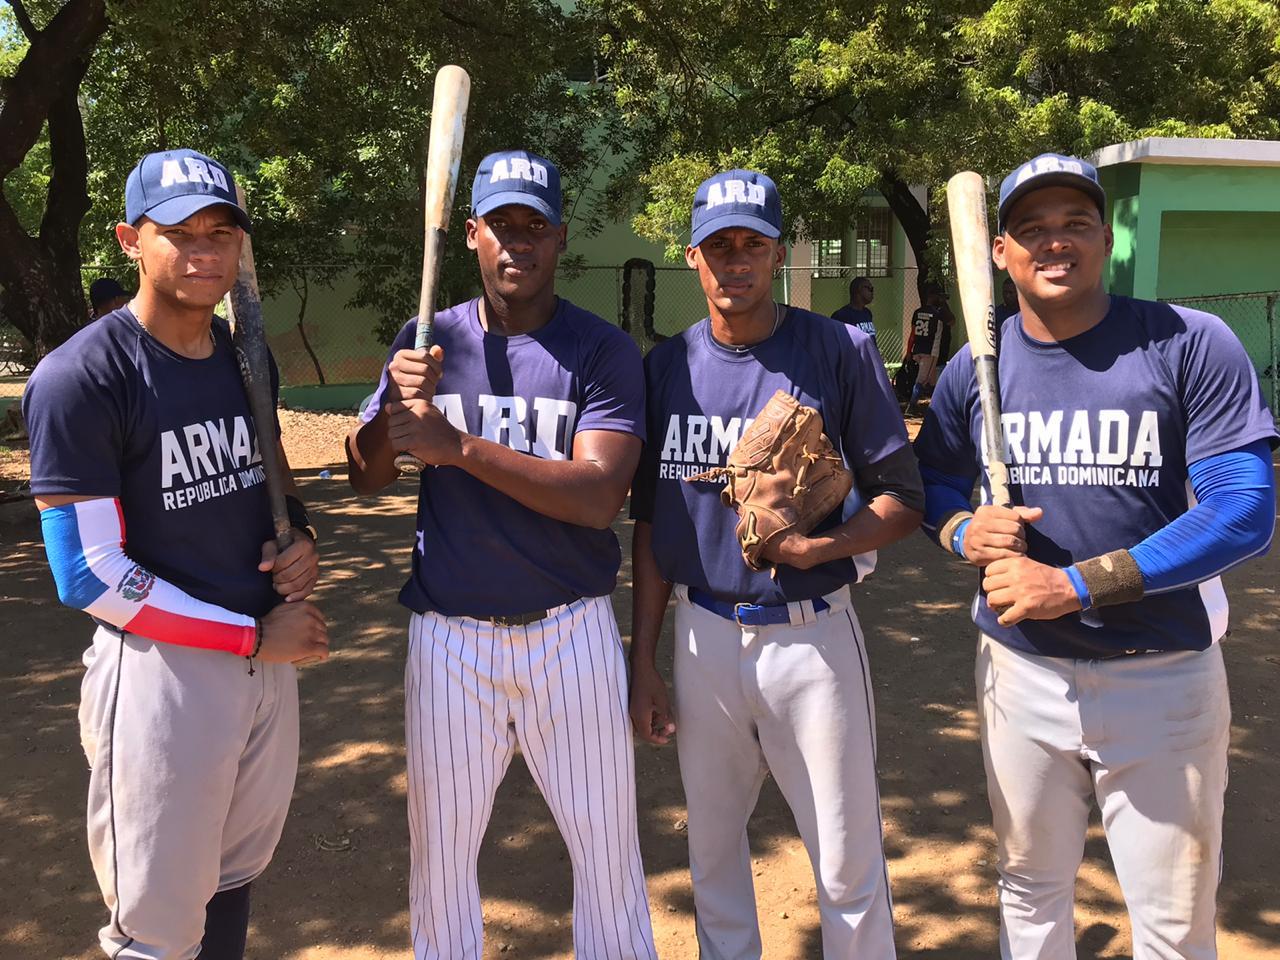 Armada Dominicana asume primer lugar en béisbol de Juegos Militares